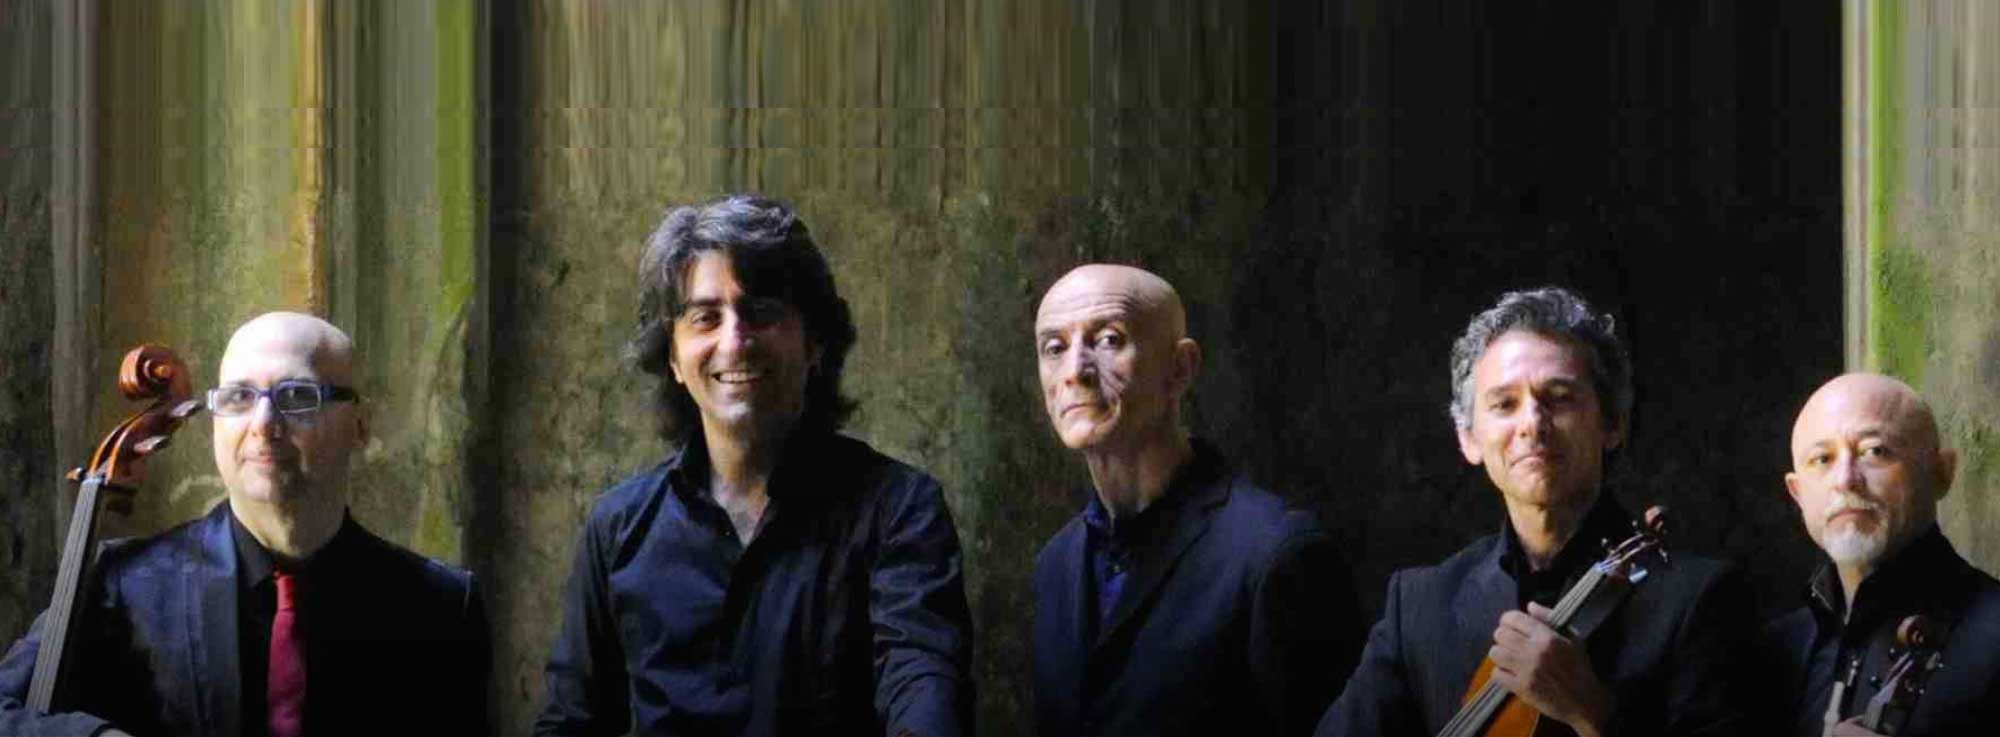 San Severo: Peppe Servillo in concerto